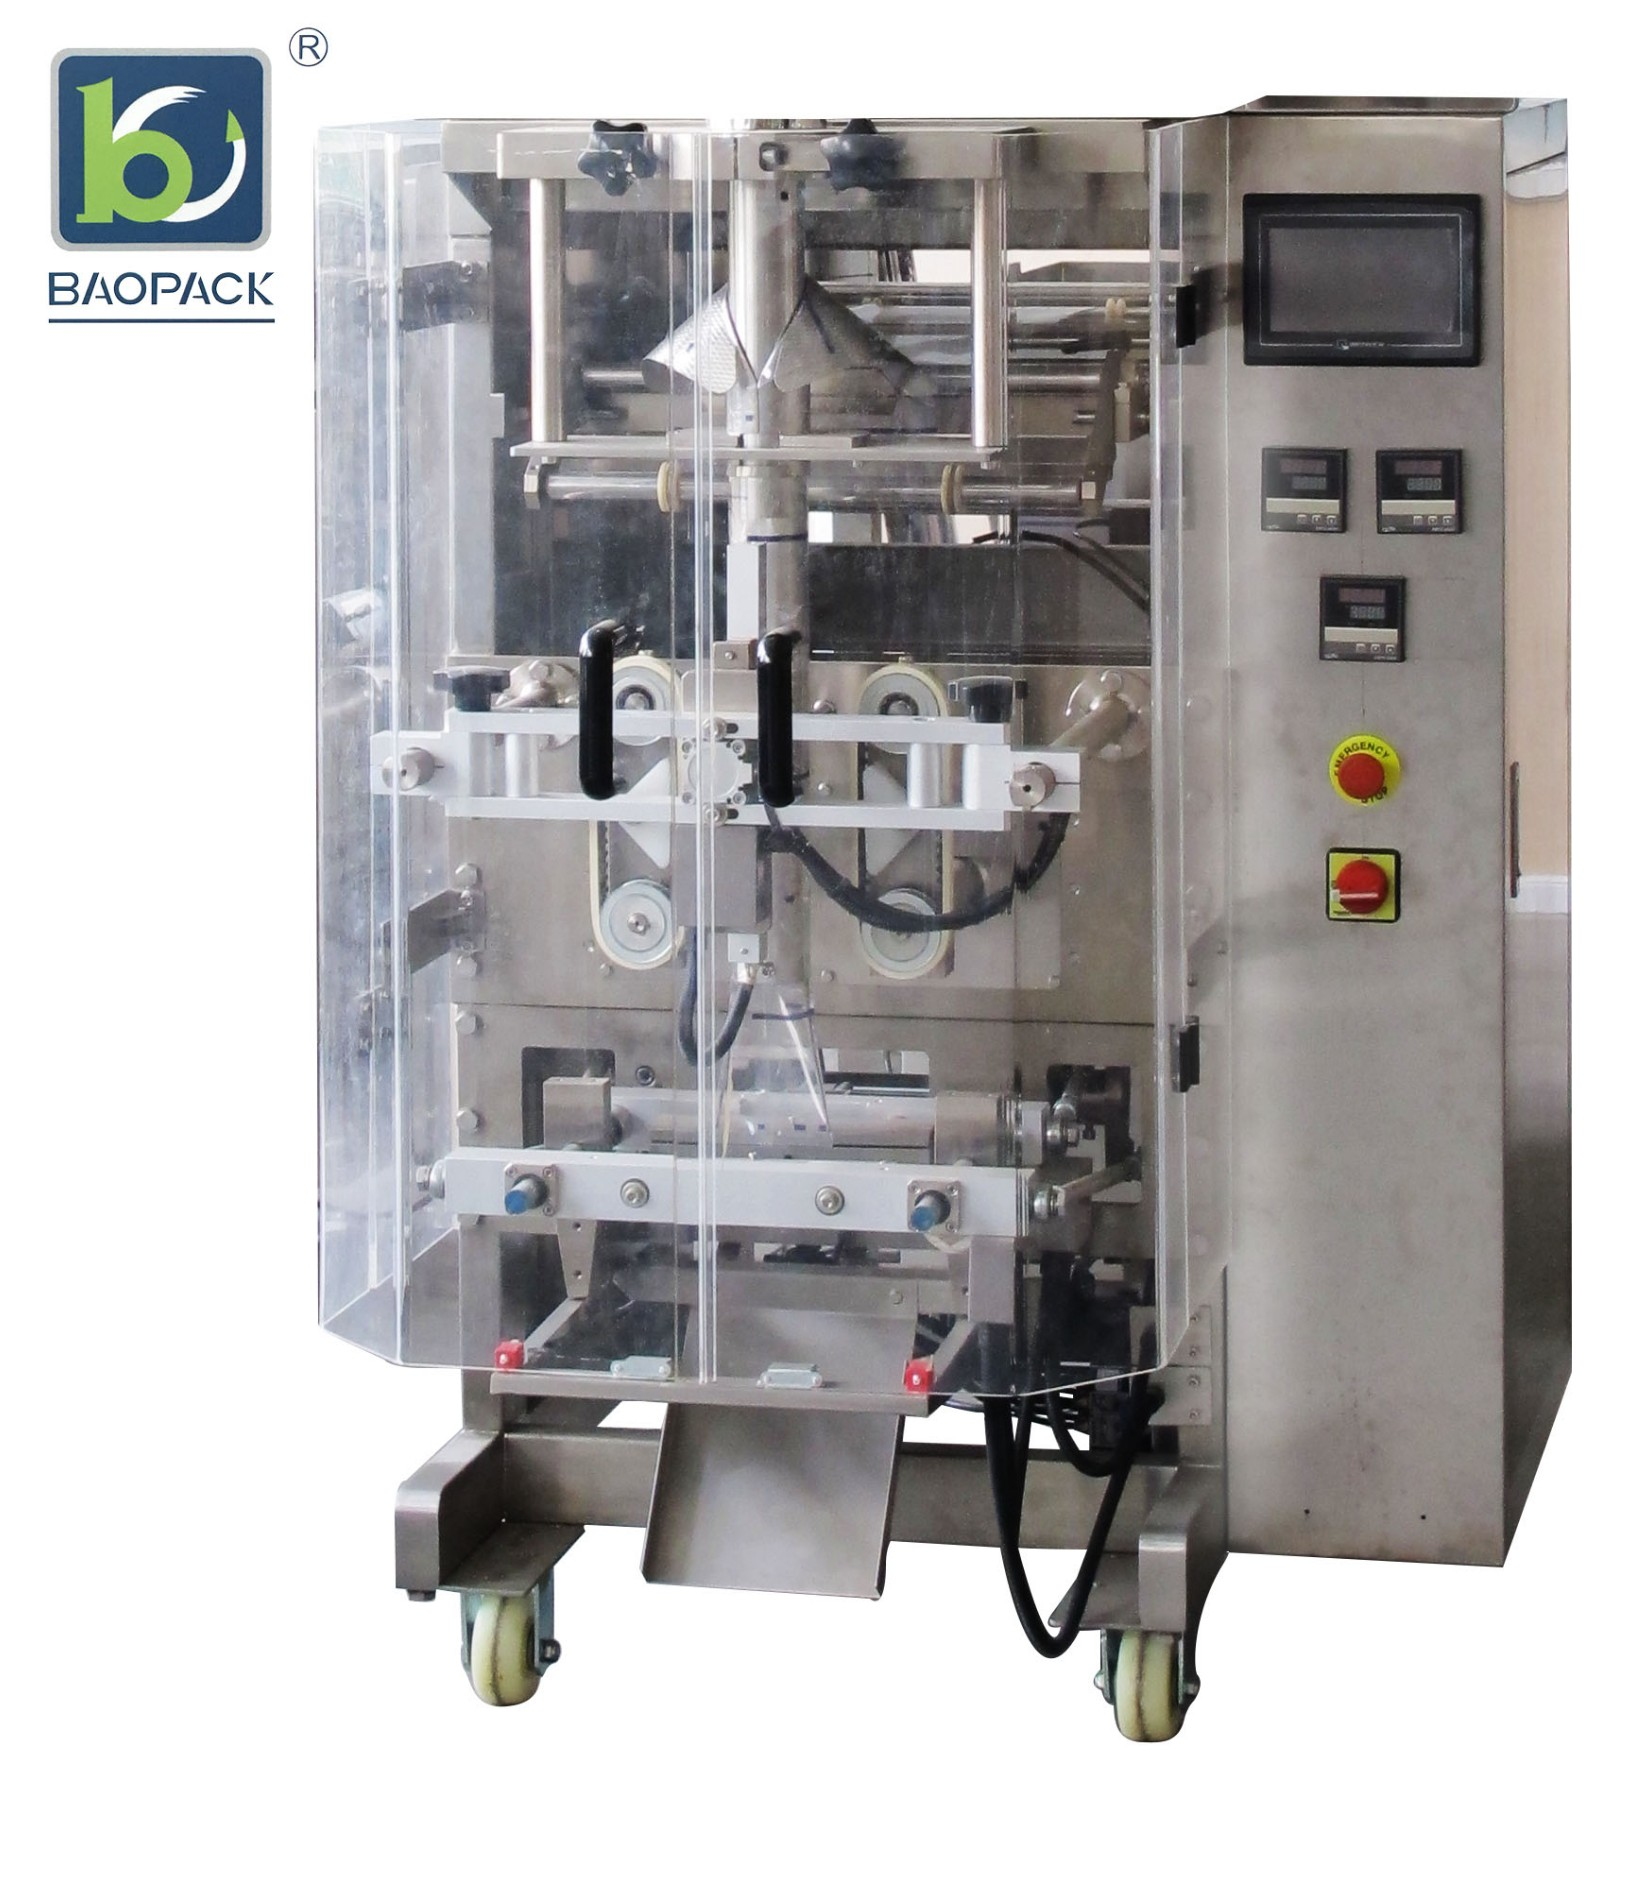 BAOPACK Vollautomatische Verpackungsmaschine mit Schneckenfüller zum Verpacken von Pulver